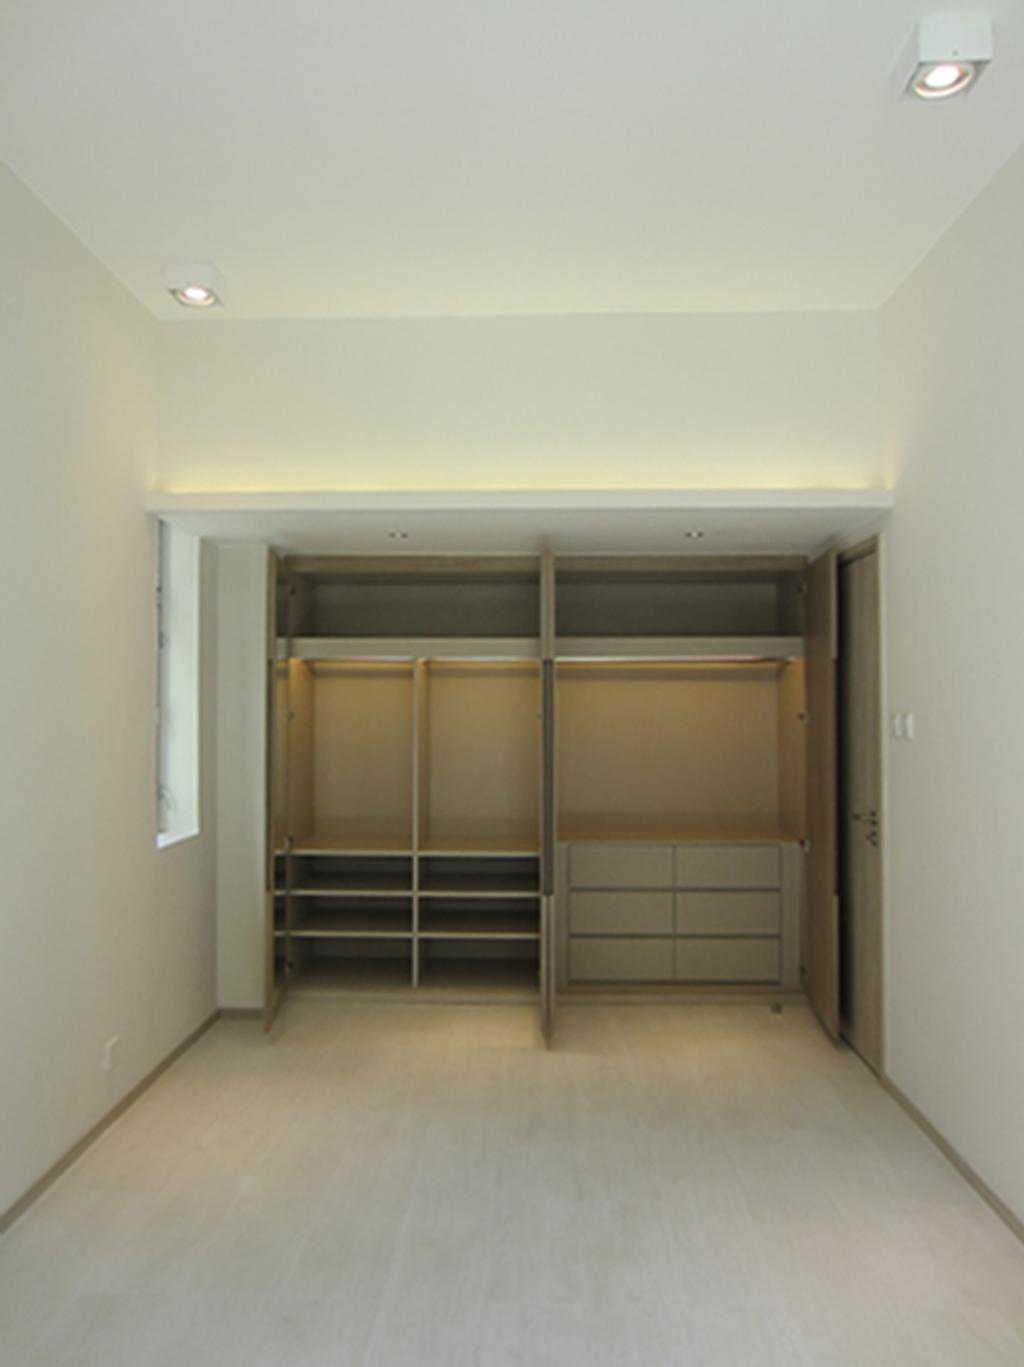 當代, 私家樓, 高雲大廈, 室內設計師, 駟達建築設計